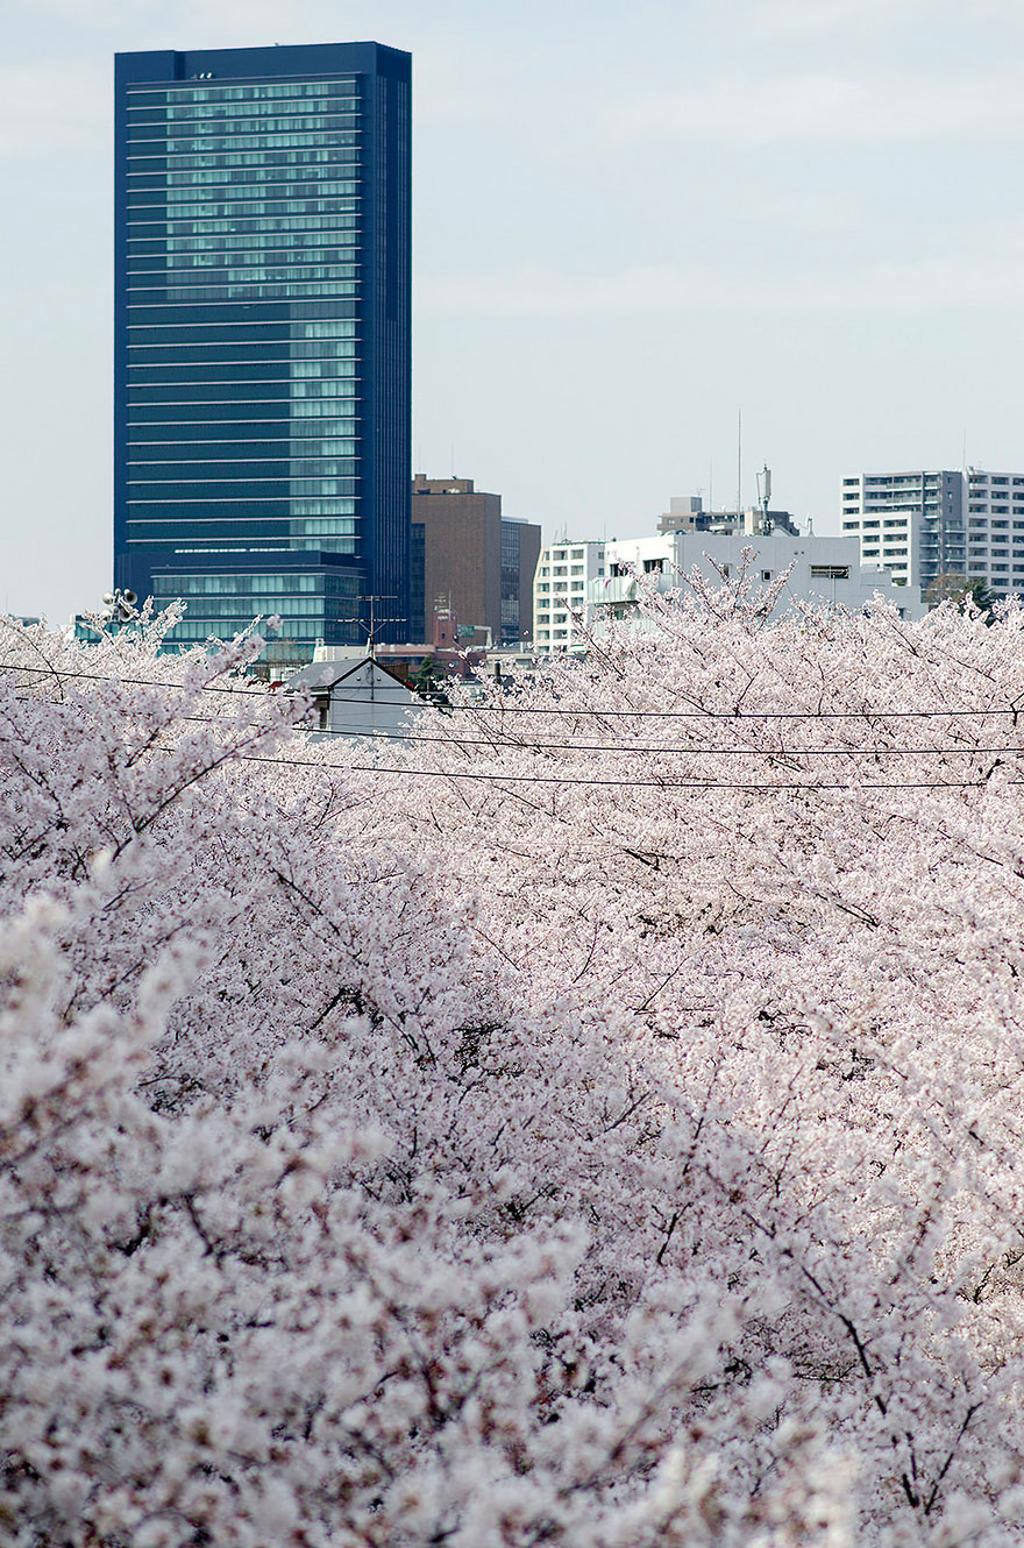 Hoa anh đào không thể đẹp nếu đứng độc lập một mình, mà chỉ đẹp khi nở rộ thành tảng mây hoa. Cũng như con người Nhật Bản không thể mạnh khi đứng một mình, mà cần phải biết tạo nên sức mạnh hùng cường của sự đoàn kết